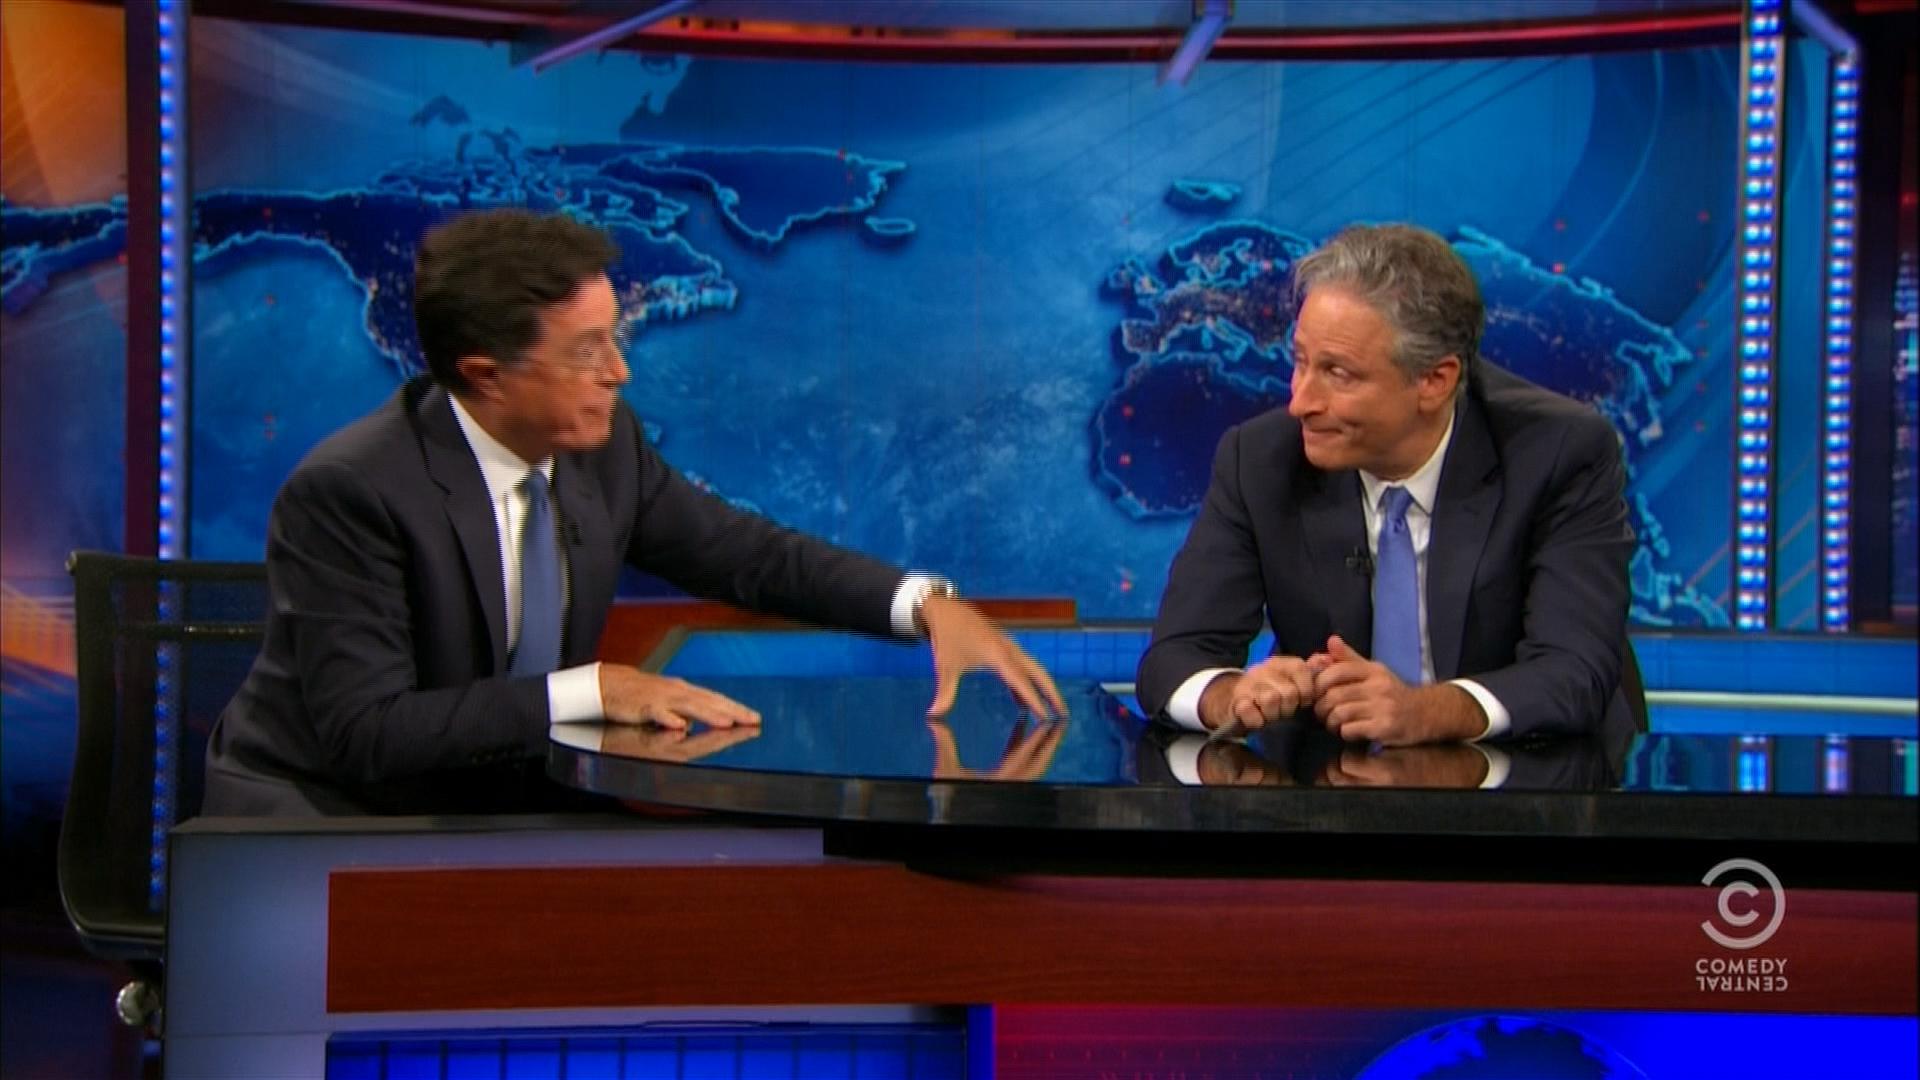 Colbert gives Stewart a touching farewell